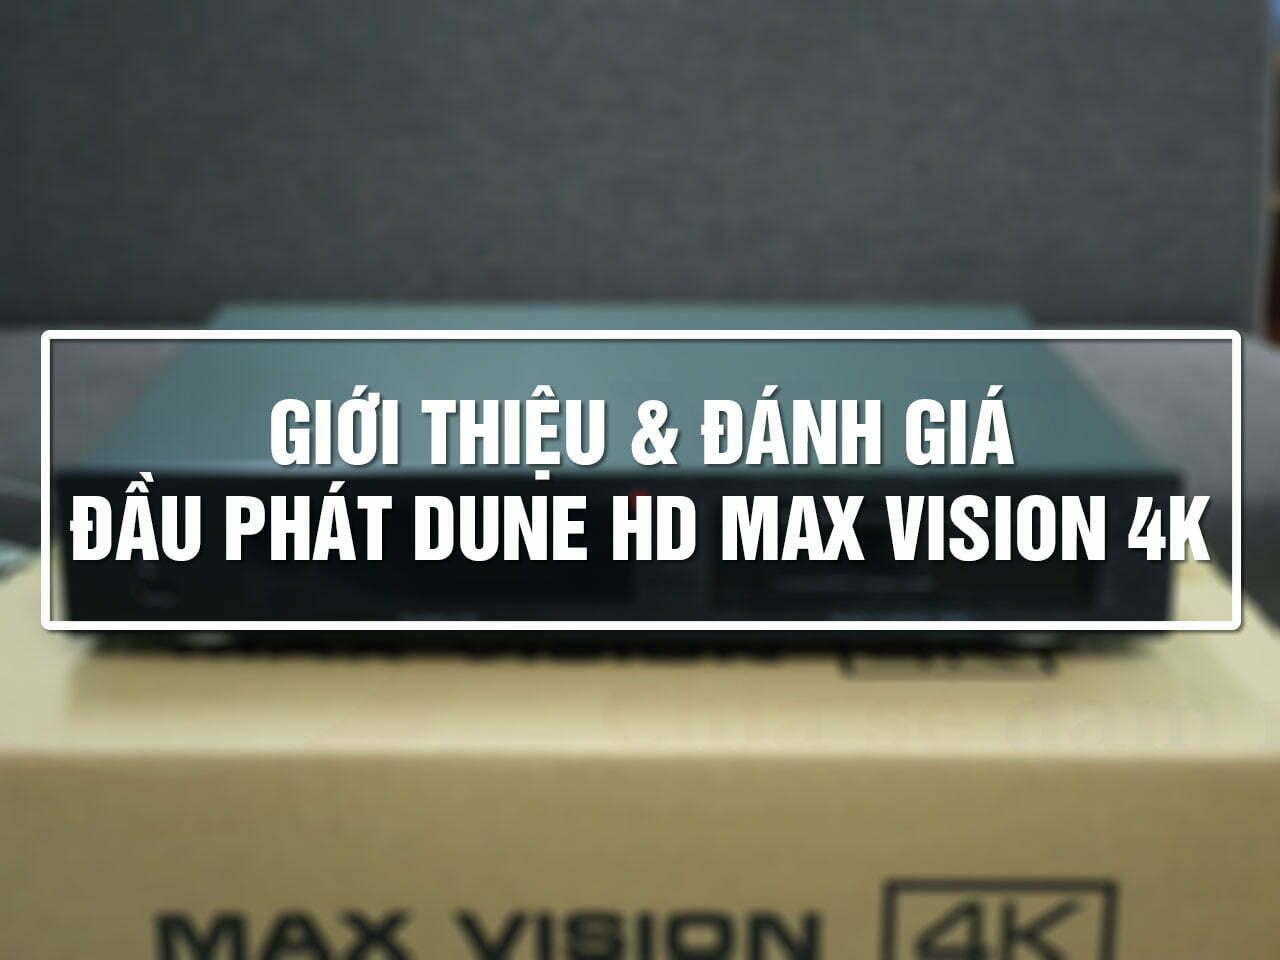 Giới thiệu và đánh giá Dune HD Max Vision 4K: Đầu 4K đáng mong chờ nhất 2021! | Dune HD Vietnam